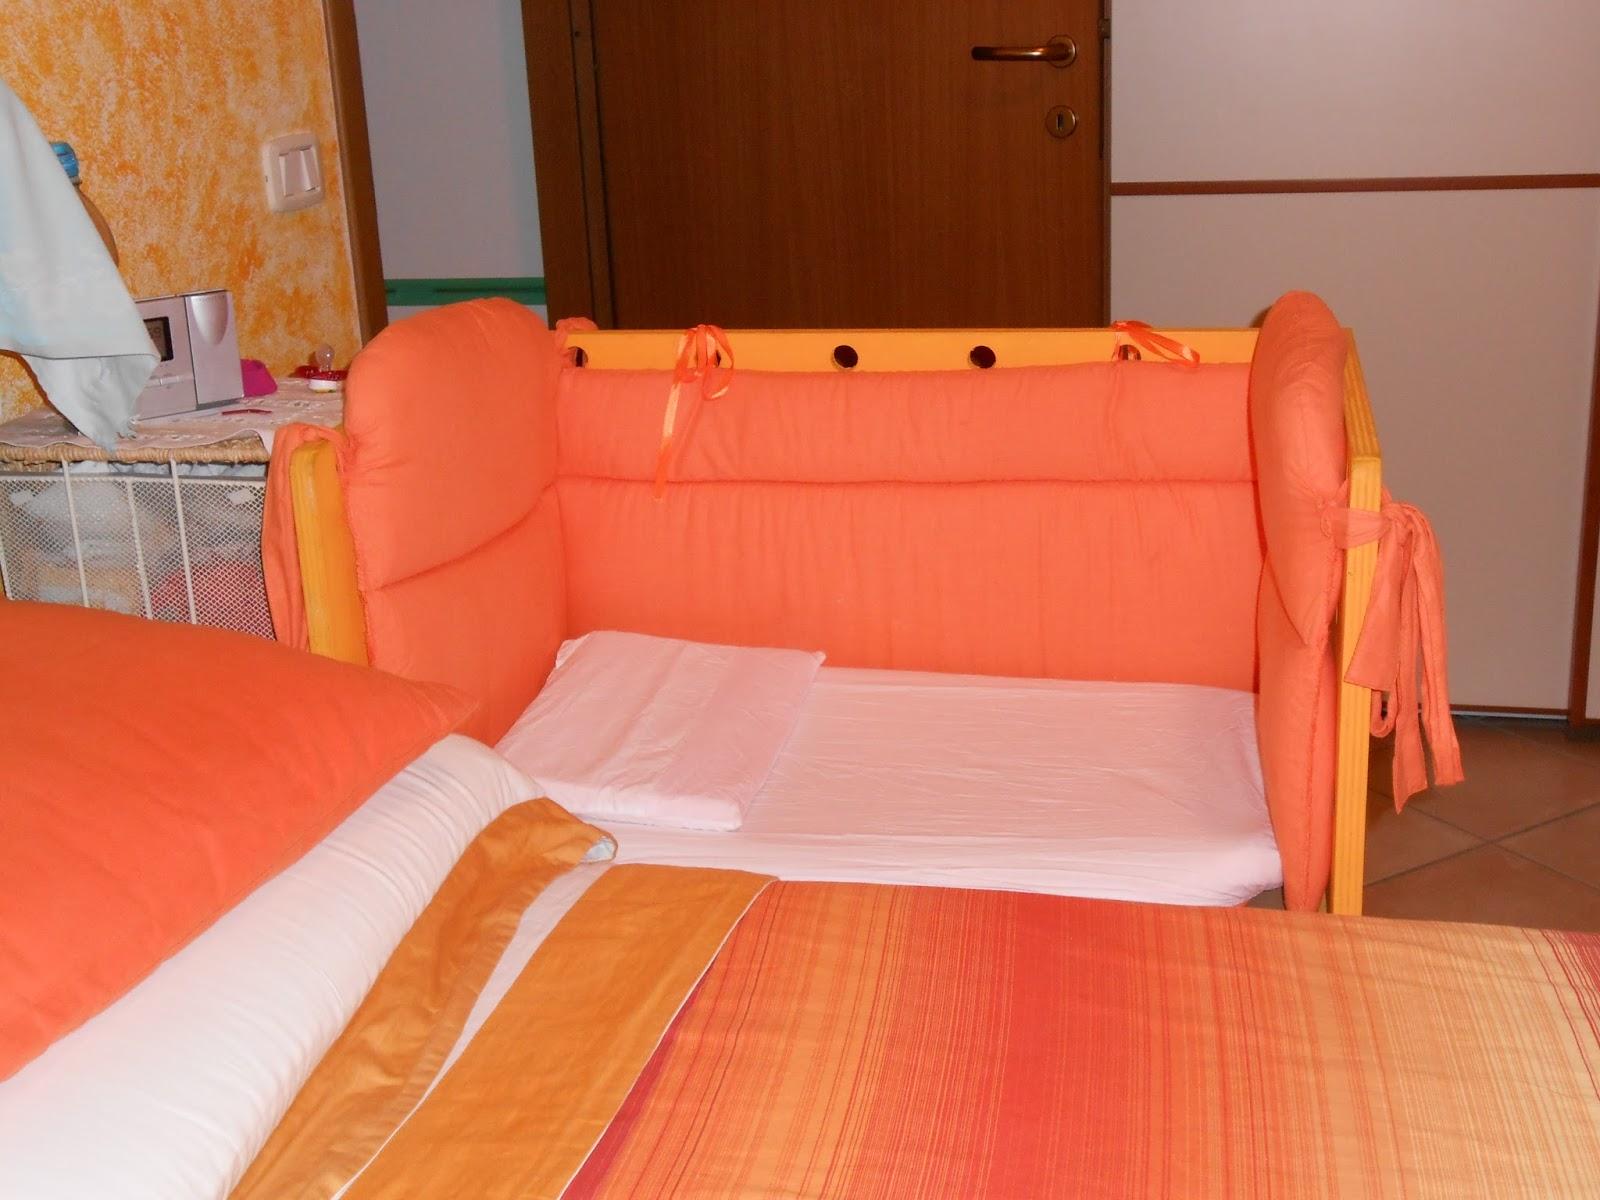 Estremamente BambinaBirbona: SIDE BED. CULLA DA AFFIANCARE AL LETTONE FAI DA TE! GH75